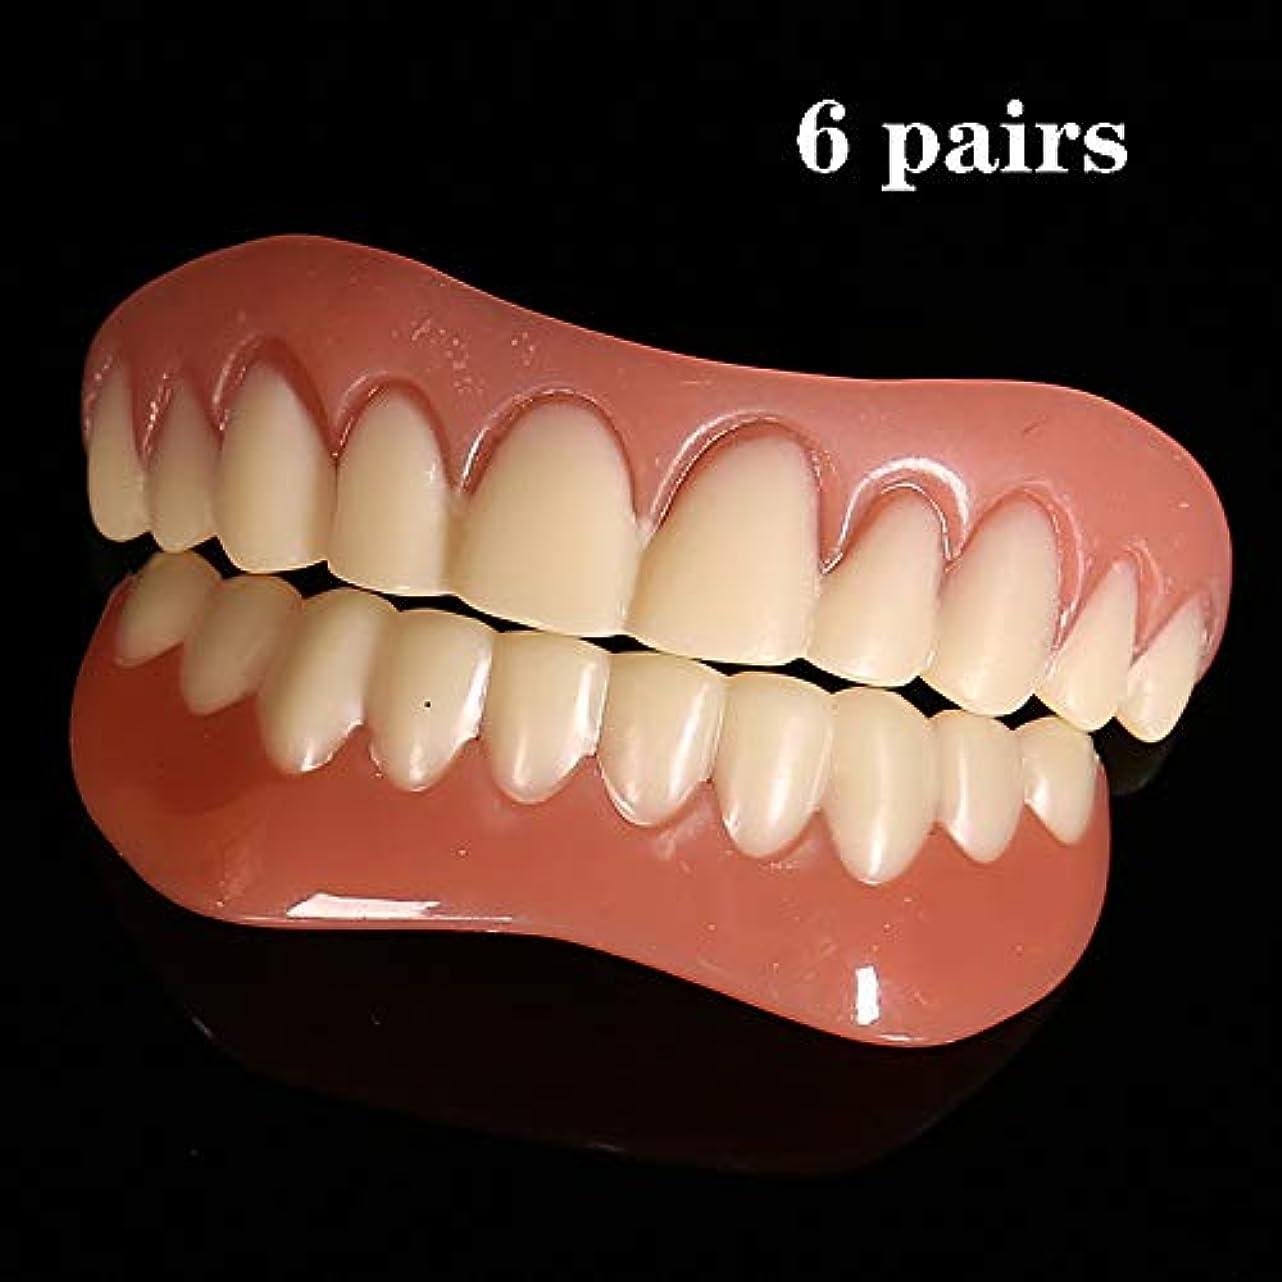 彼ら佐賀かなり歯突き板化粧品歯スナップオンセキュア6ペア上下の快適さフィット歯突き板安全インスタントスマイル化粧品ワンサイズ